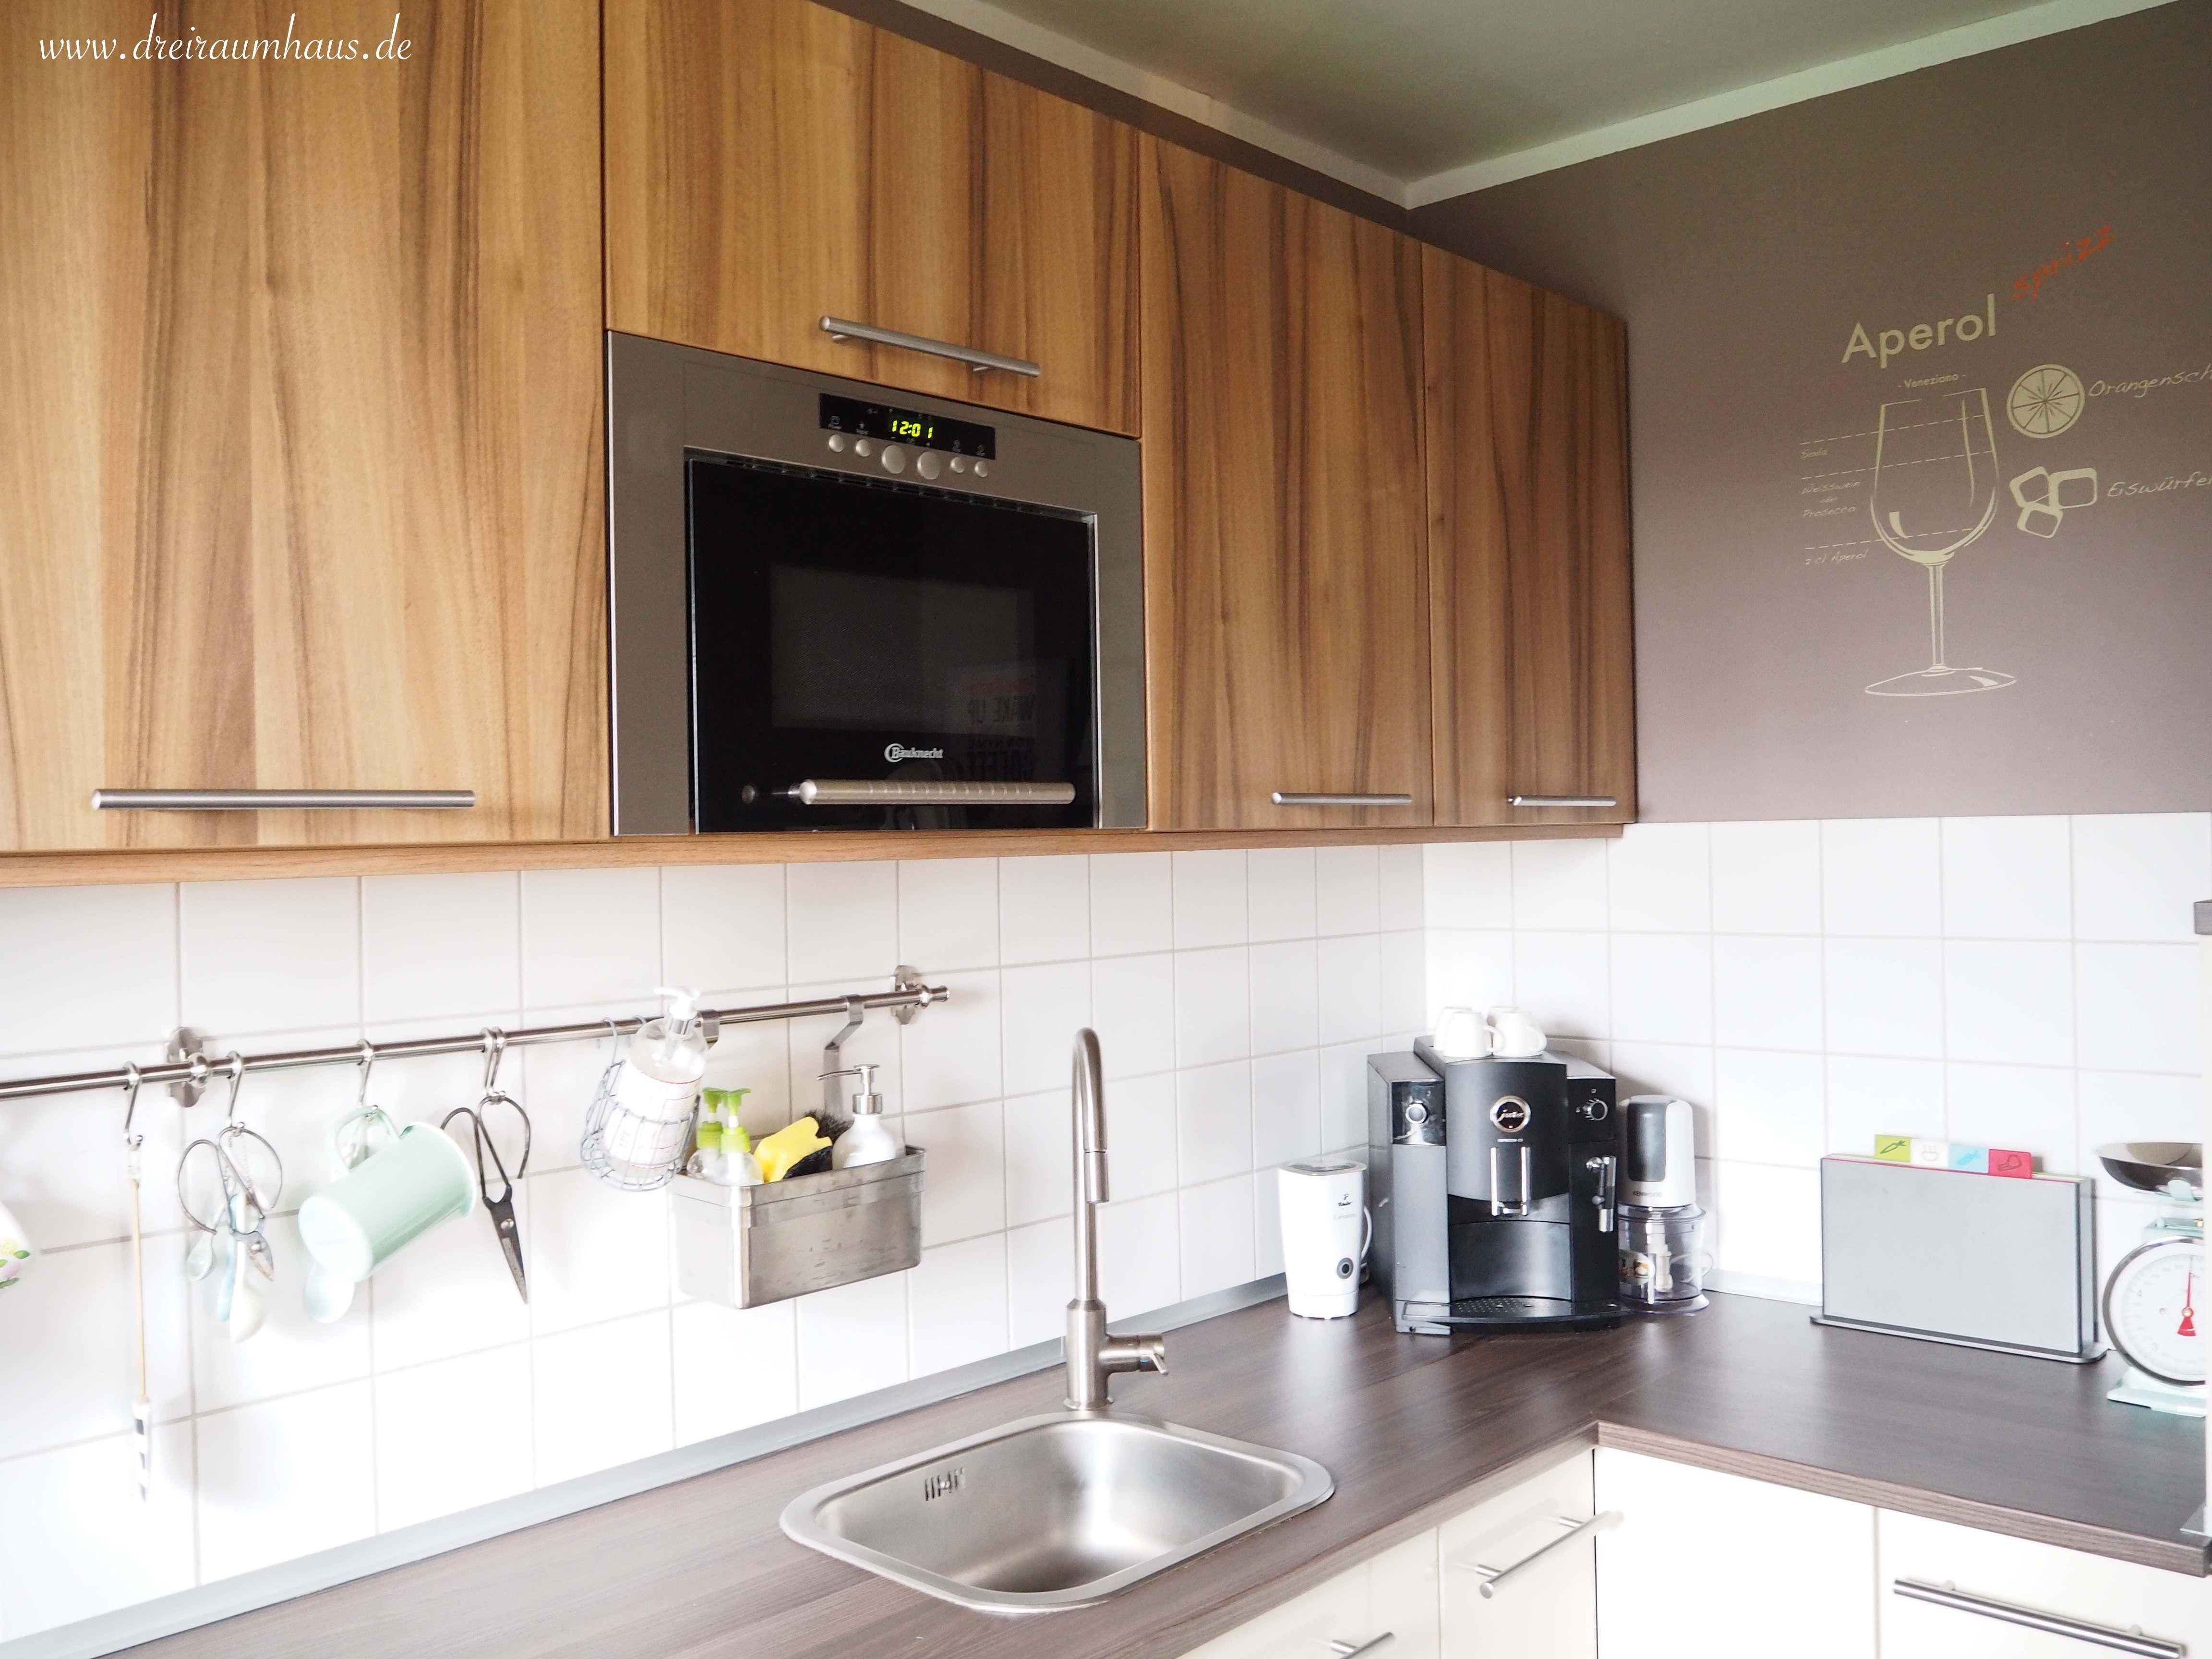 Lieferzeit Küche Ikea Best Of Ikea Metod Eine Neue Küche In 16